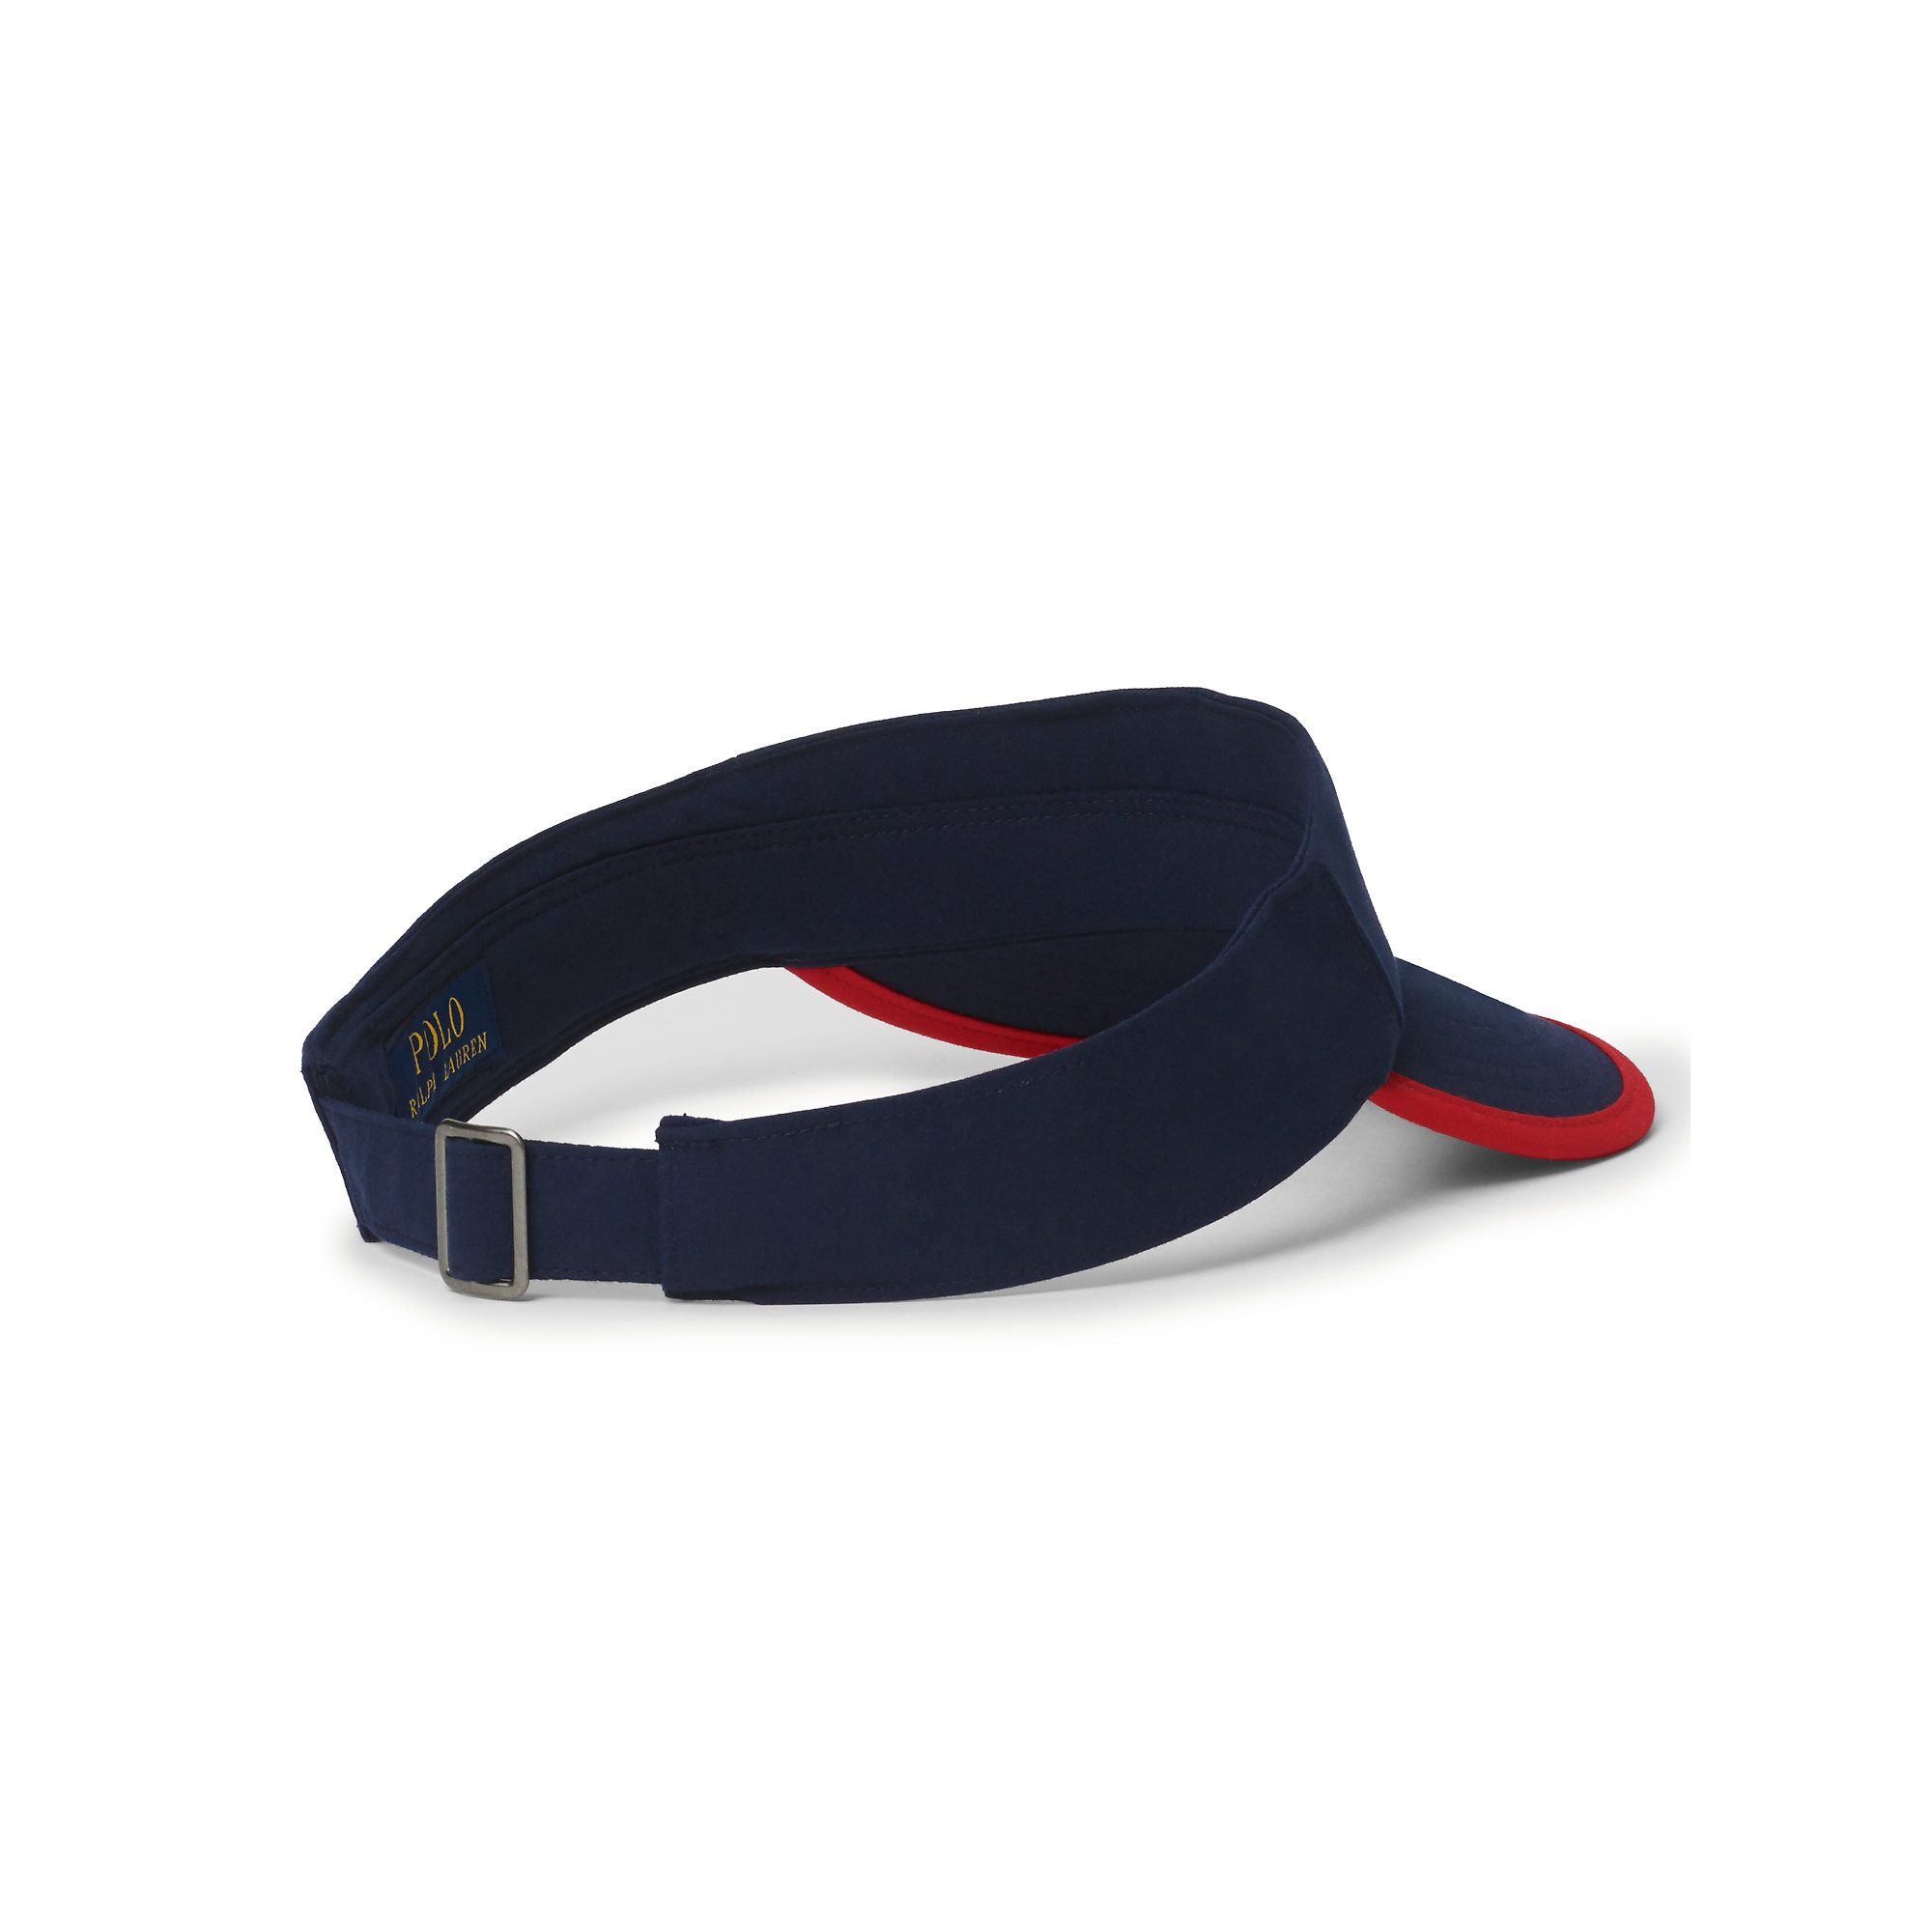 c45b5e09b65 Lyst - Polo Ralph Lauren Us Open Sports Visor in Blue for Men